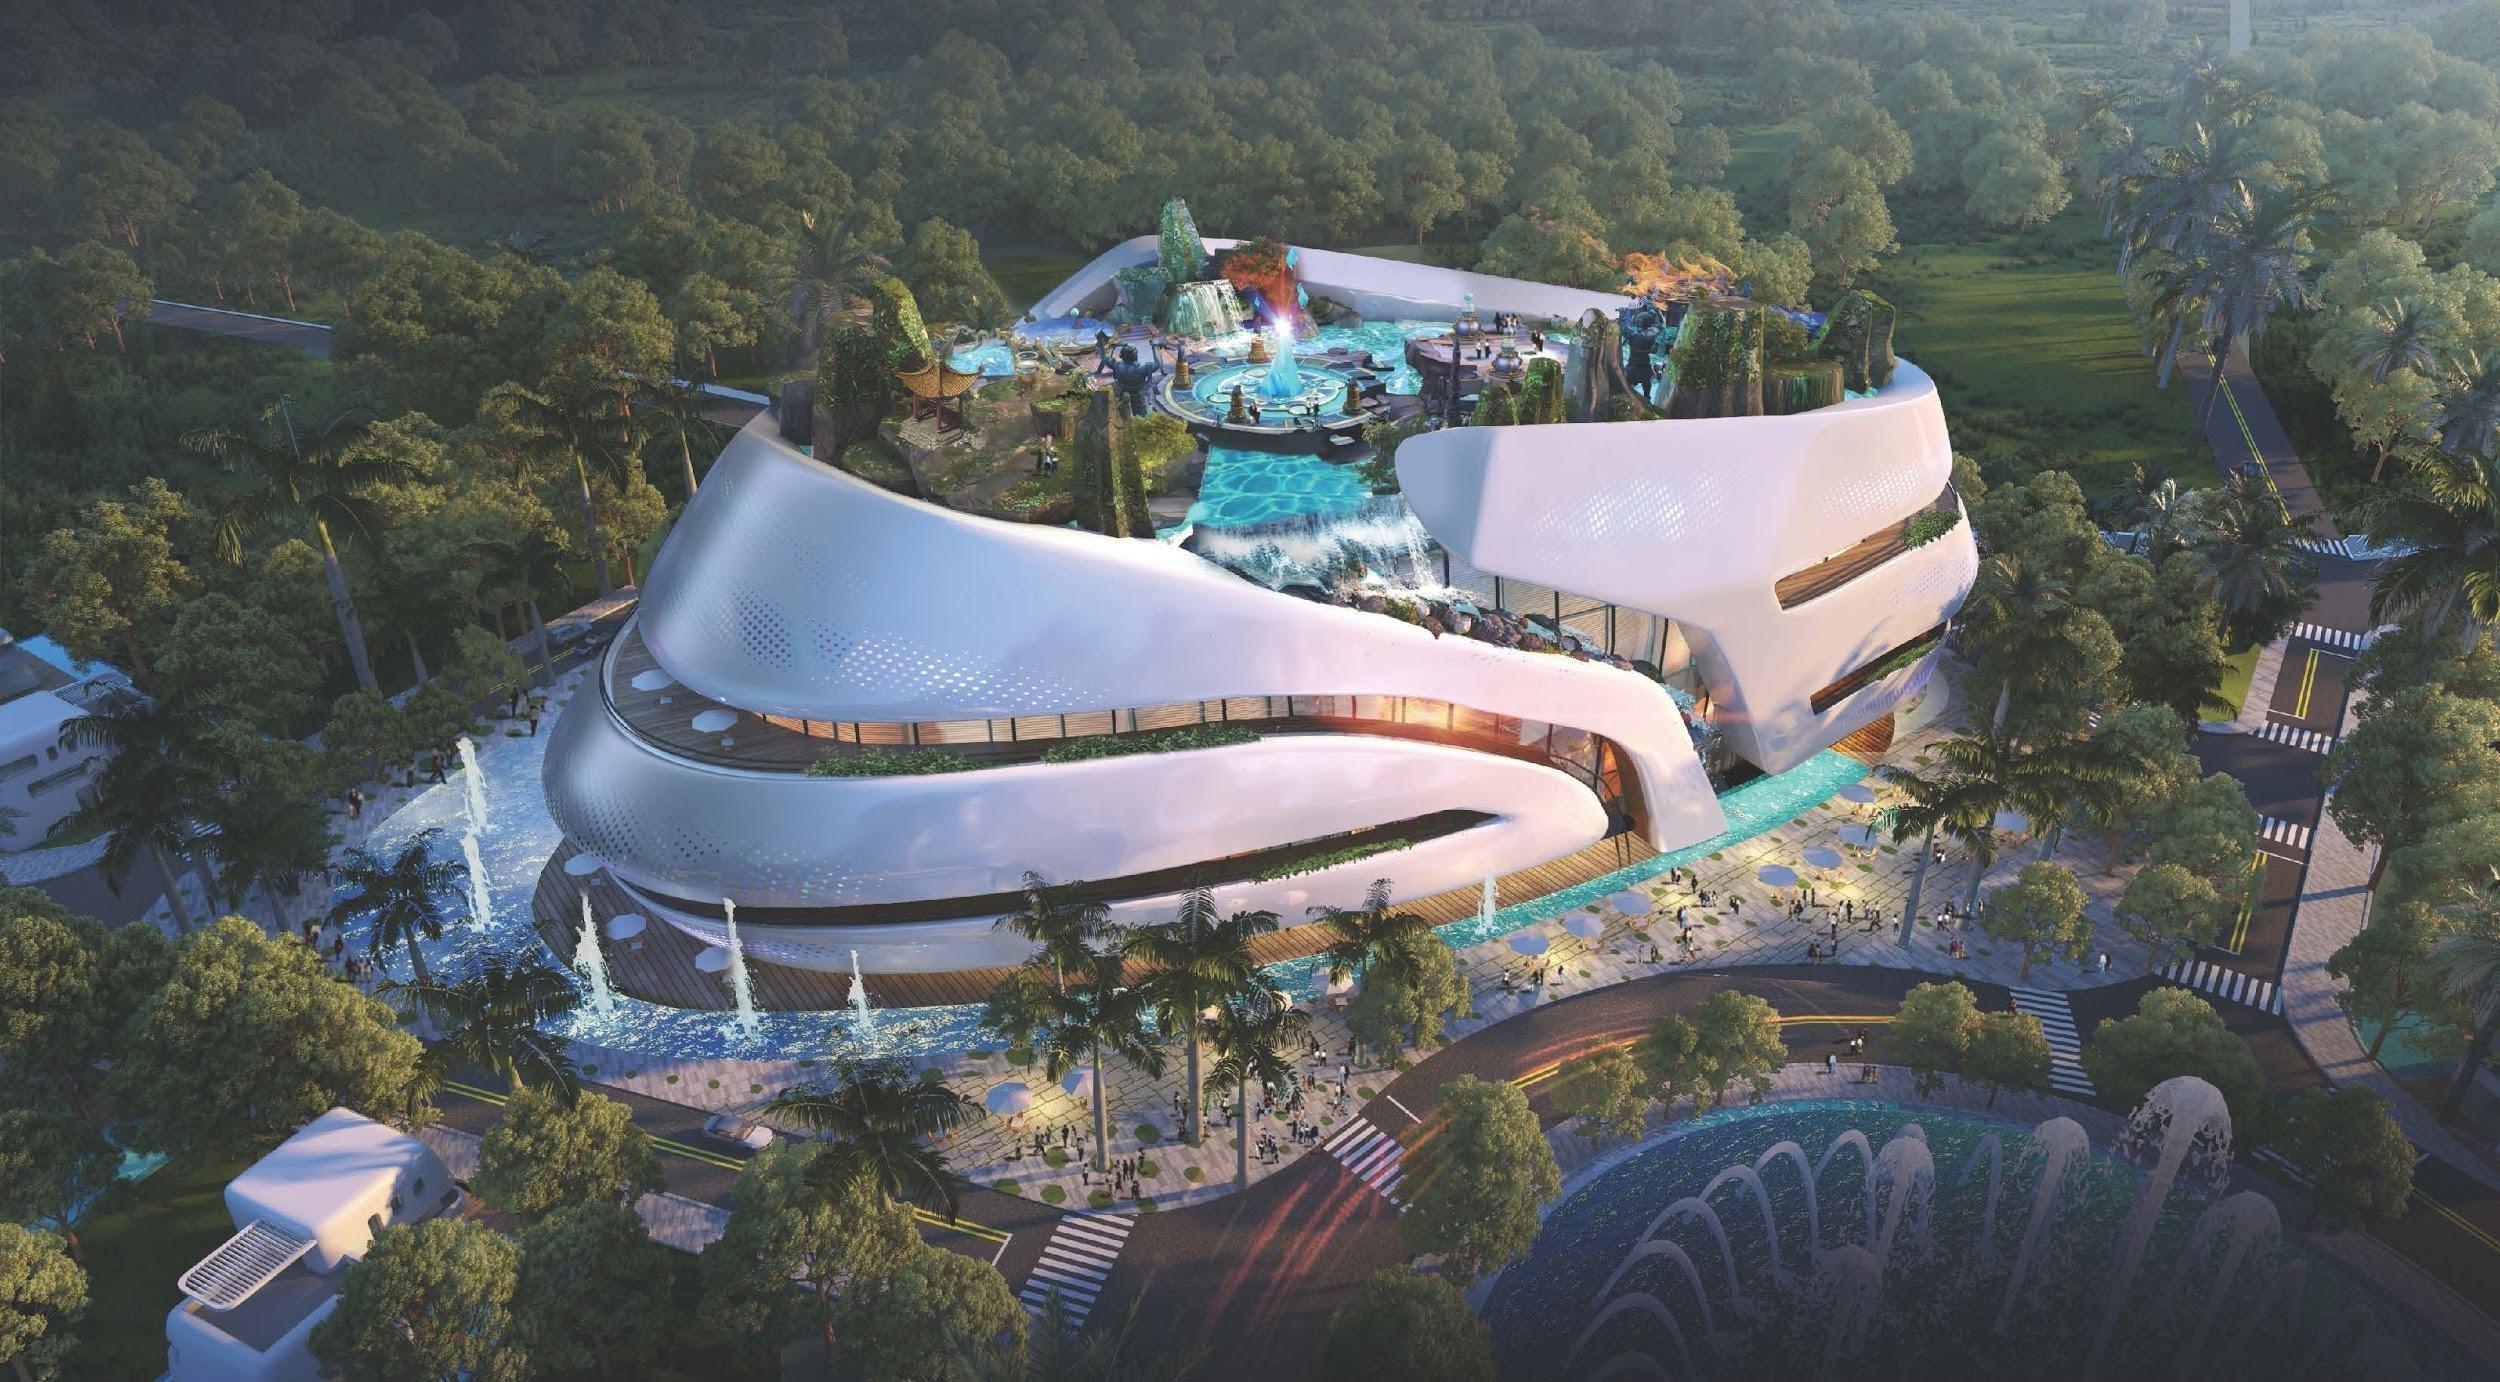 Sunshine Heritage của Sunshine Group sẽ góp phần giúp Hà Nội khai thác tốt tiềm năng kinh tế đêm, trở thành điểm hút khách trong và ngoài nước vui chơi, trải nghiệm, tận hưởng